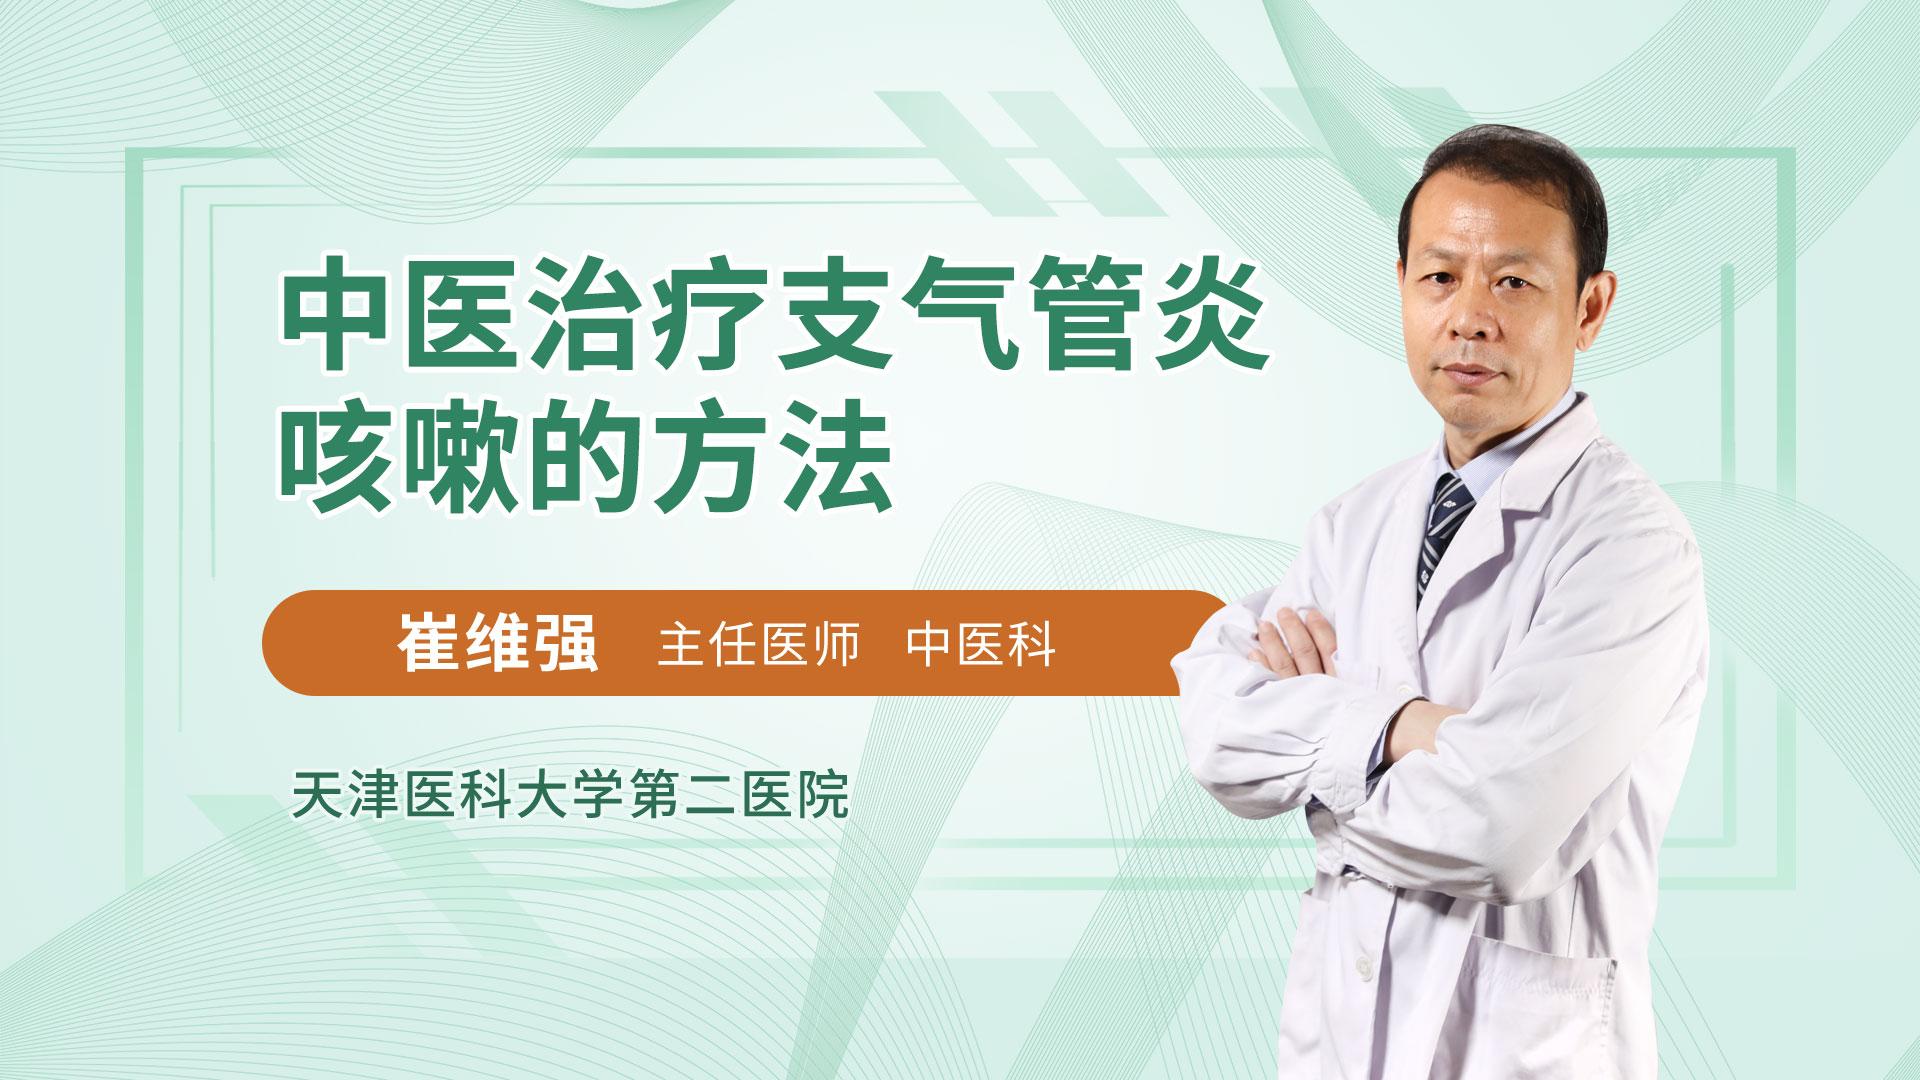 中医治疗支气管炎咳嗽的方法